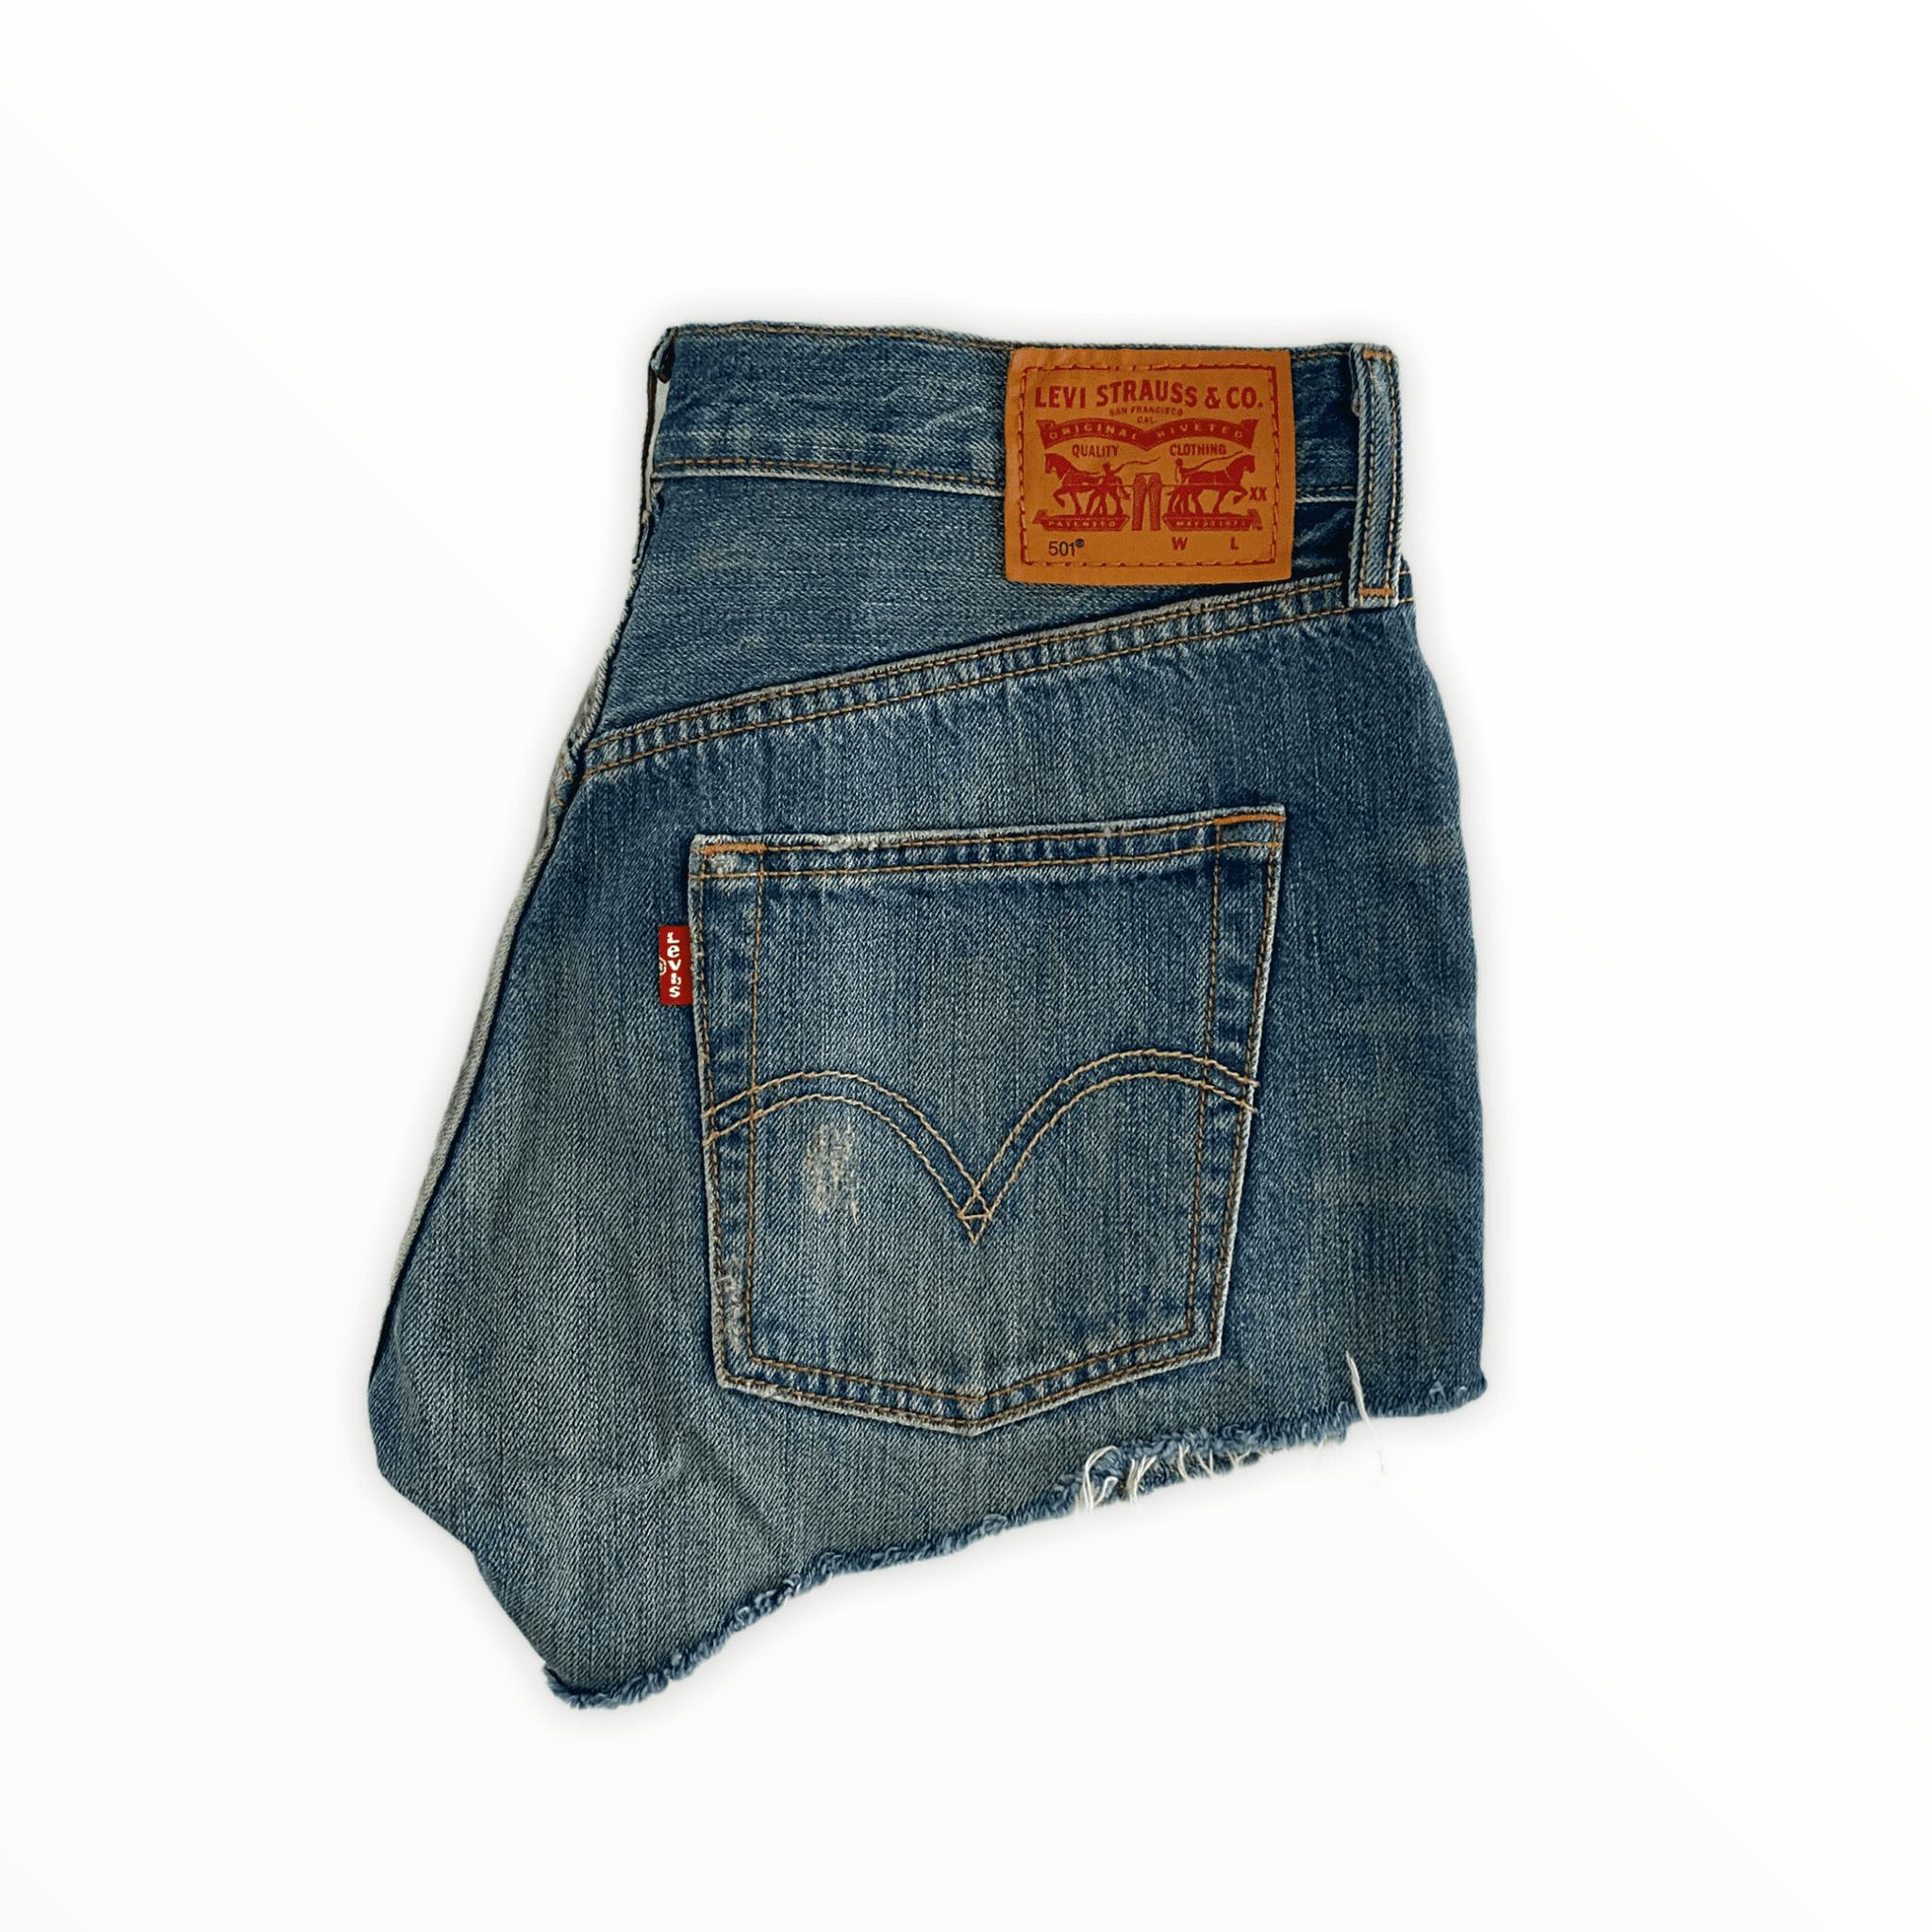 LEVIS 501 shorts XS